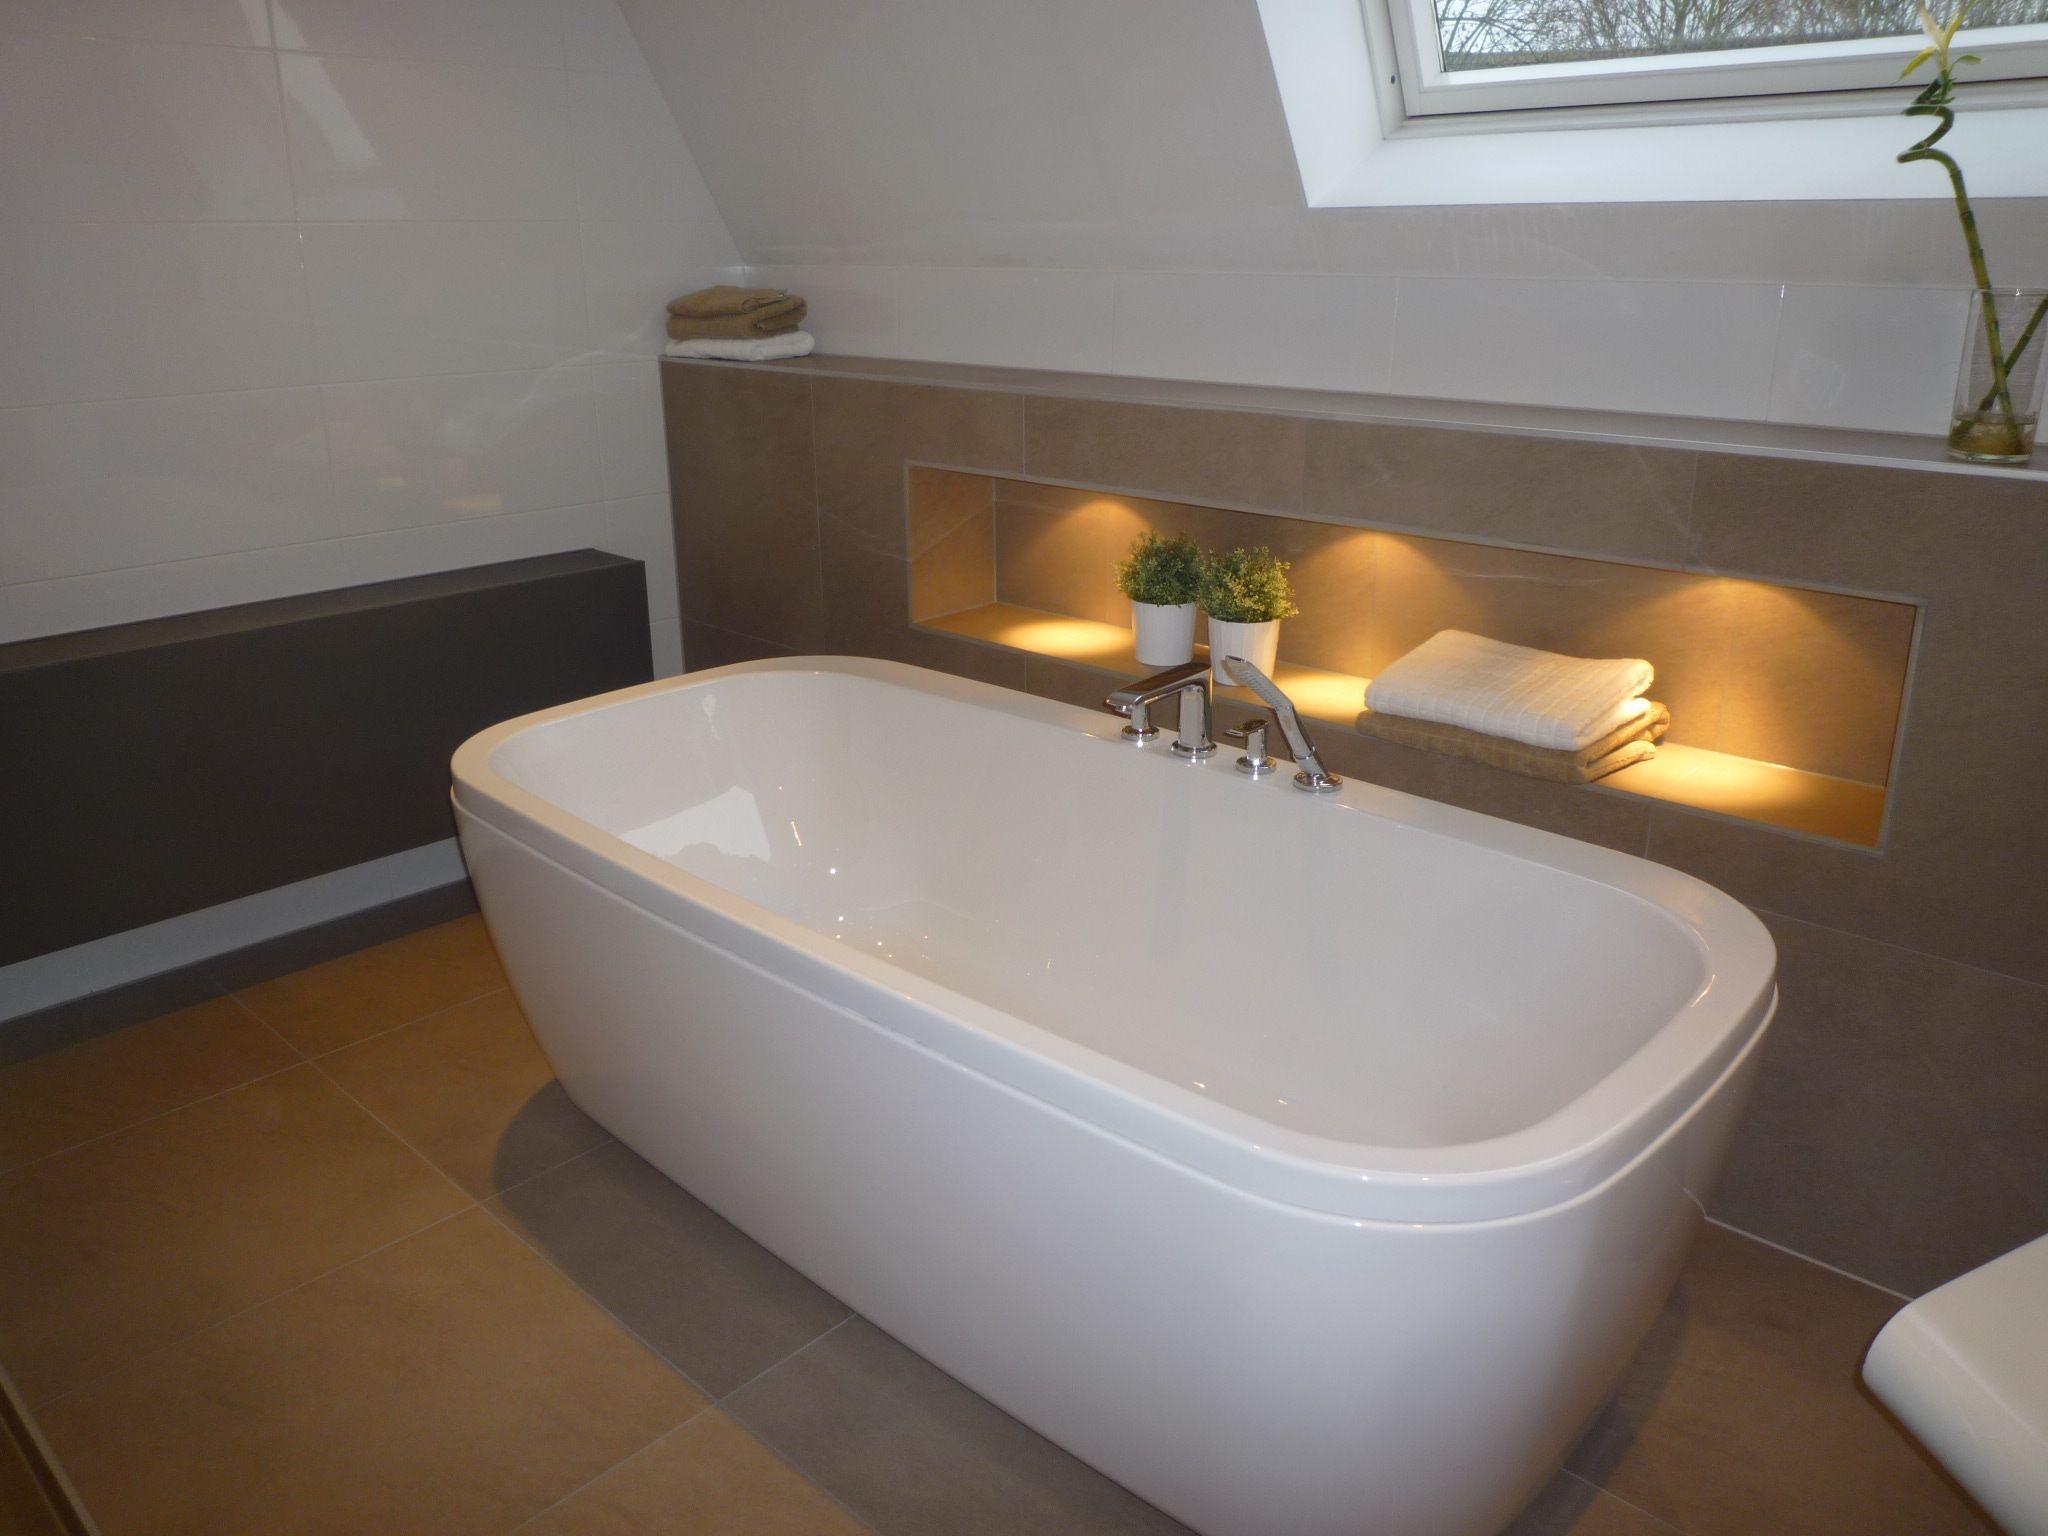 Bad met nis met verlichting. Badkamer ideeen via Sanidrome Bouter ...